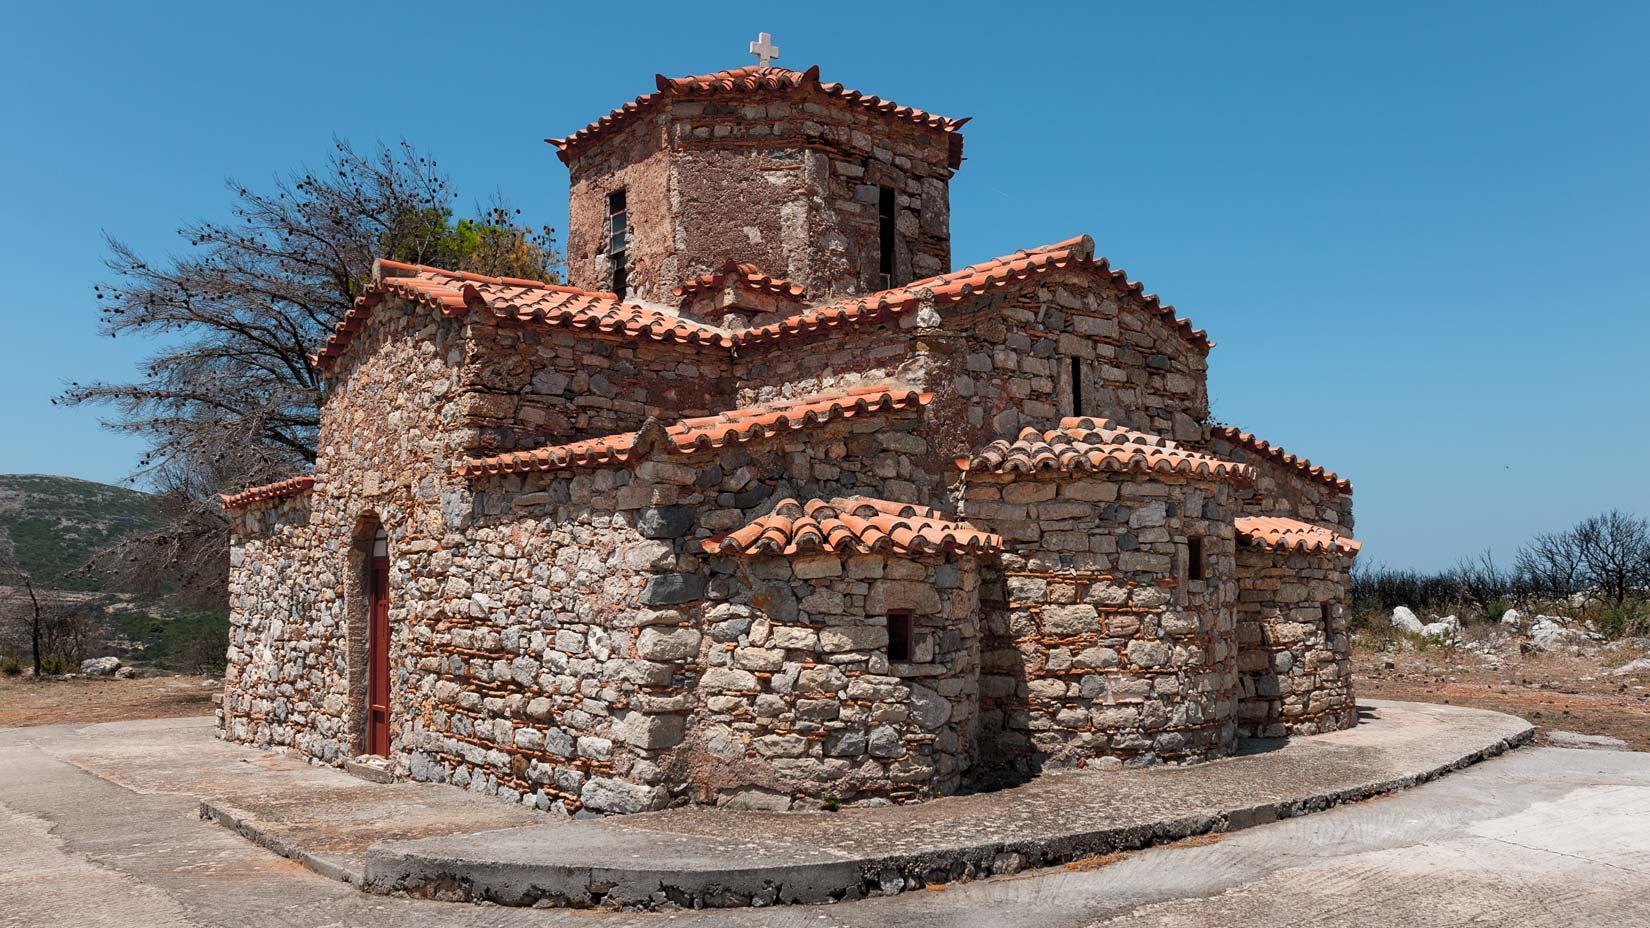 Άγιος Πέτρος - snad nejznámější kostel ostrova Kythera. Po zničujícím požáru celé oblasti zůstal stát netknutý uprostřed spáleniště. Nekecám. Dodnes kolem stojí ohořelé kmeny borovic. I se šiškama.